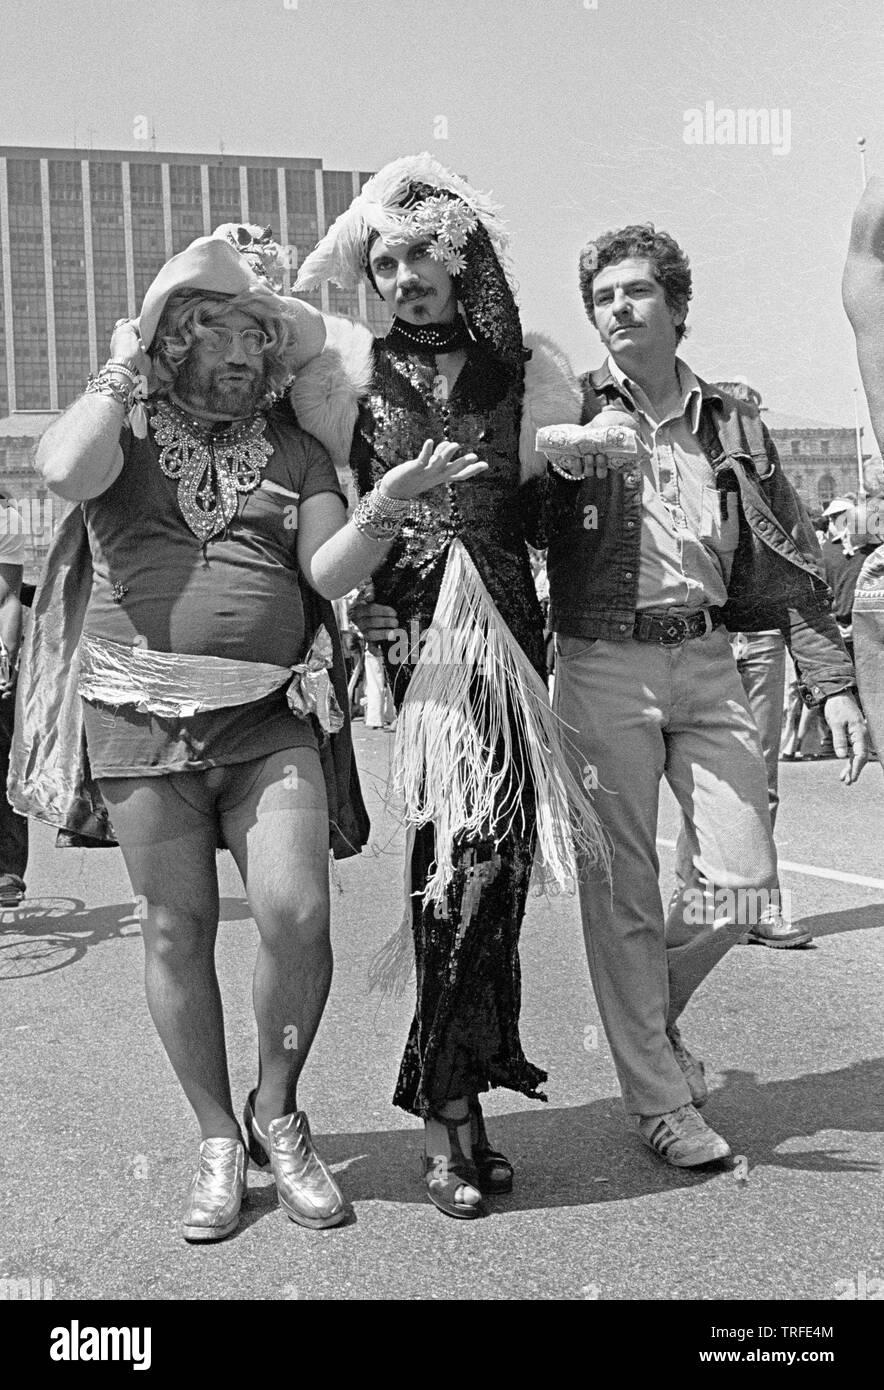 Gay Pride Parade in San Francisco, June 1977 - Stock Image